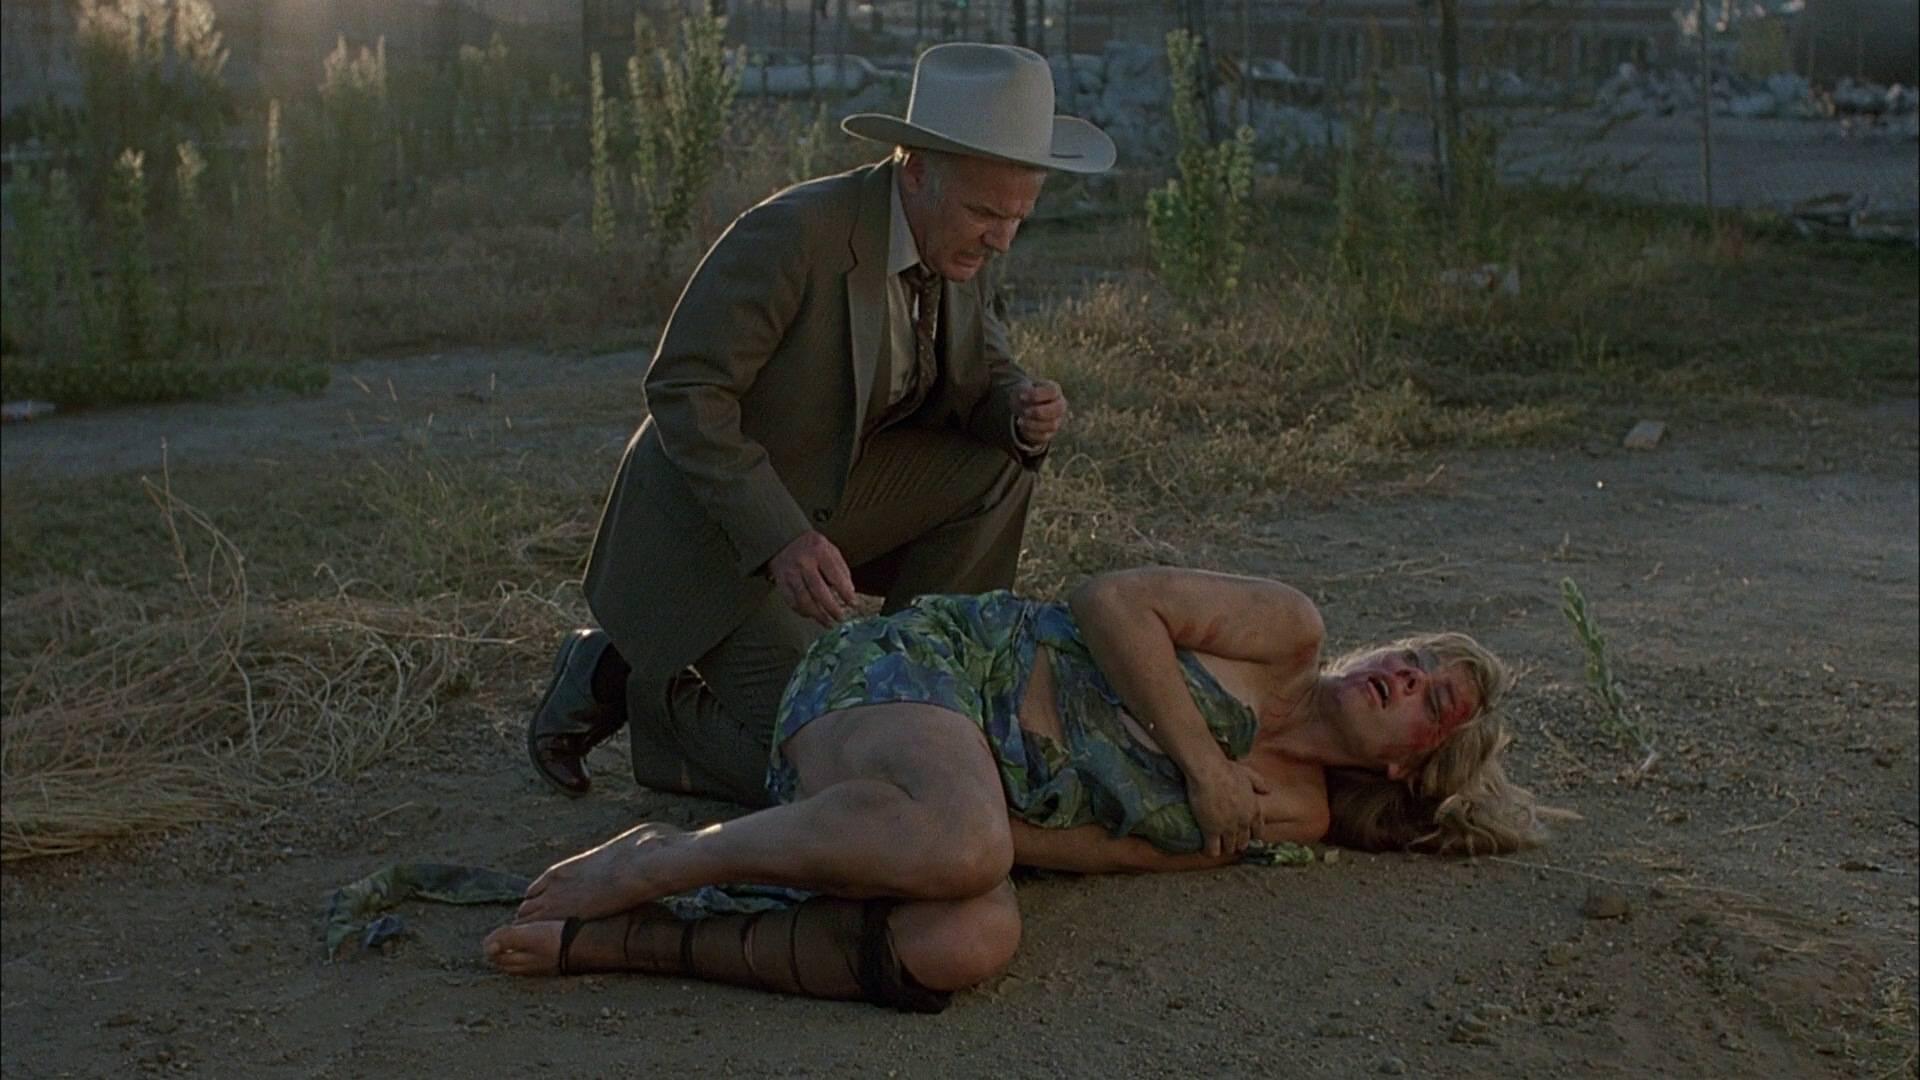 Фильм с проституткой труляля, парень одел напальчник на хуй